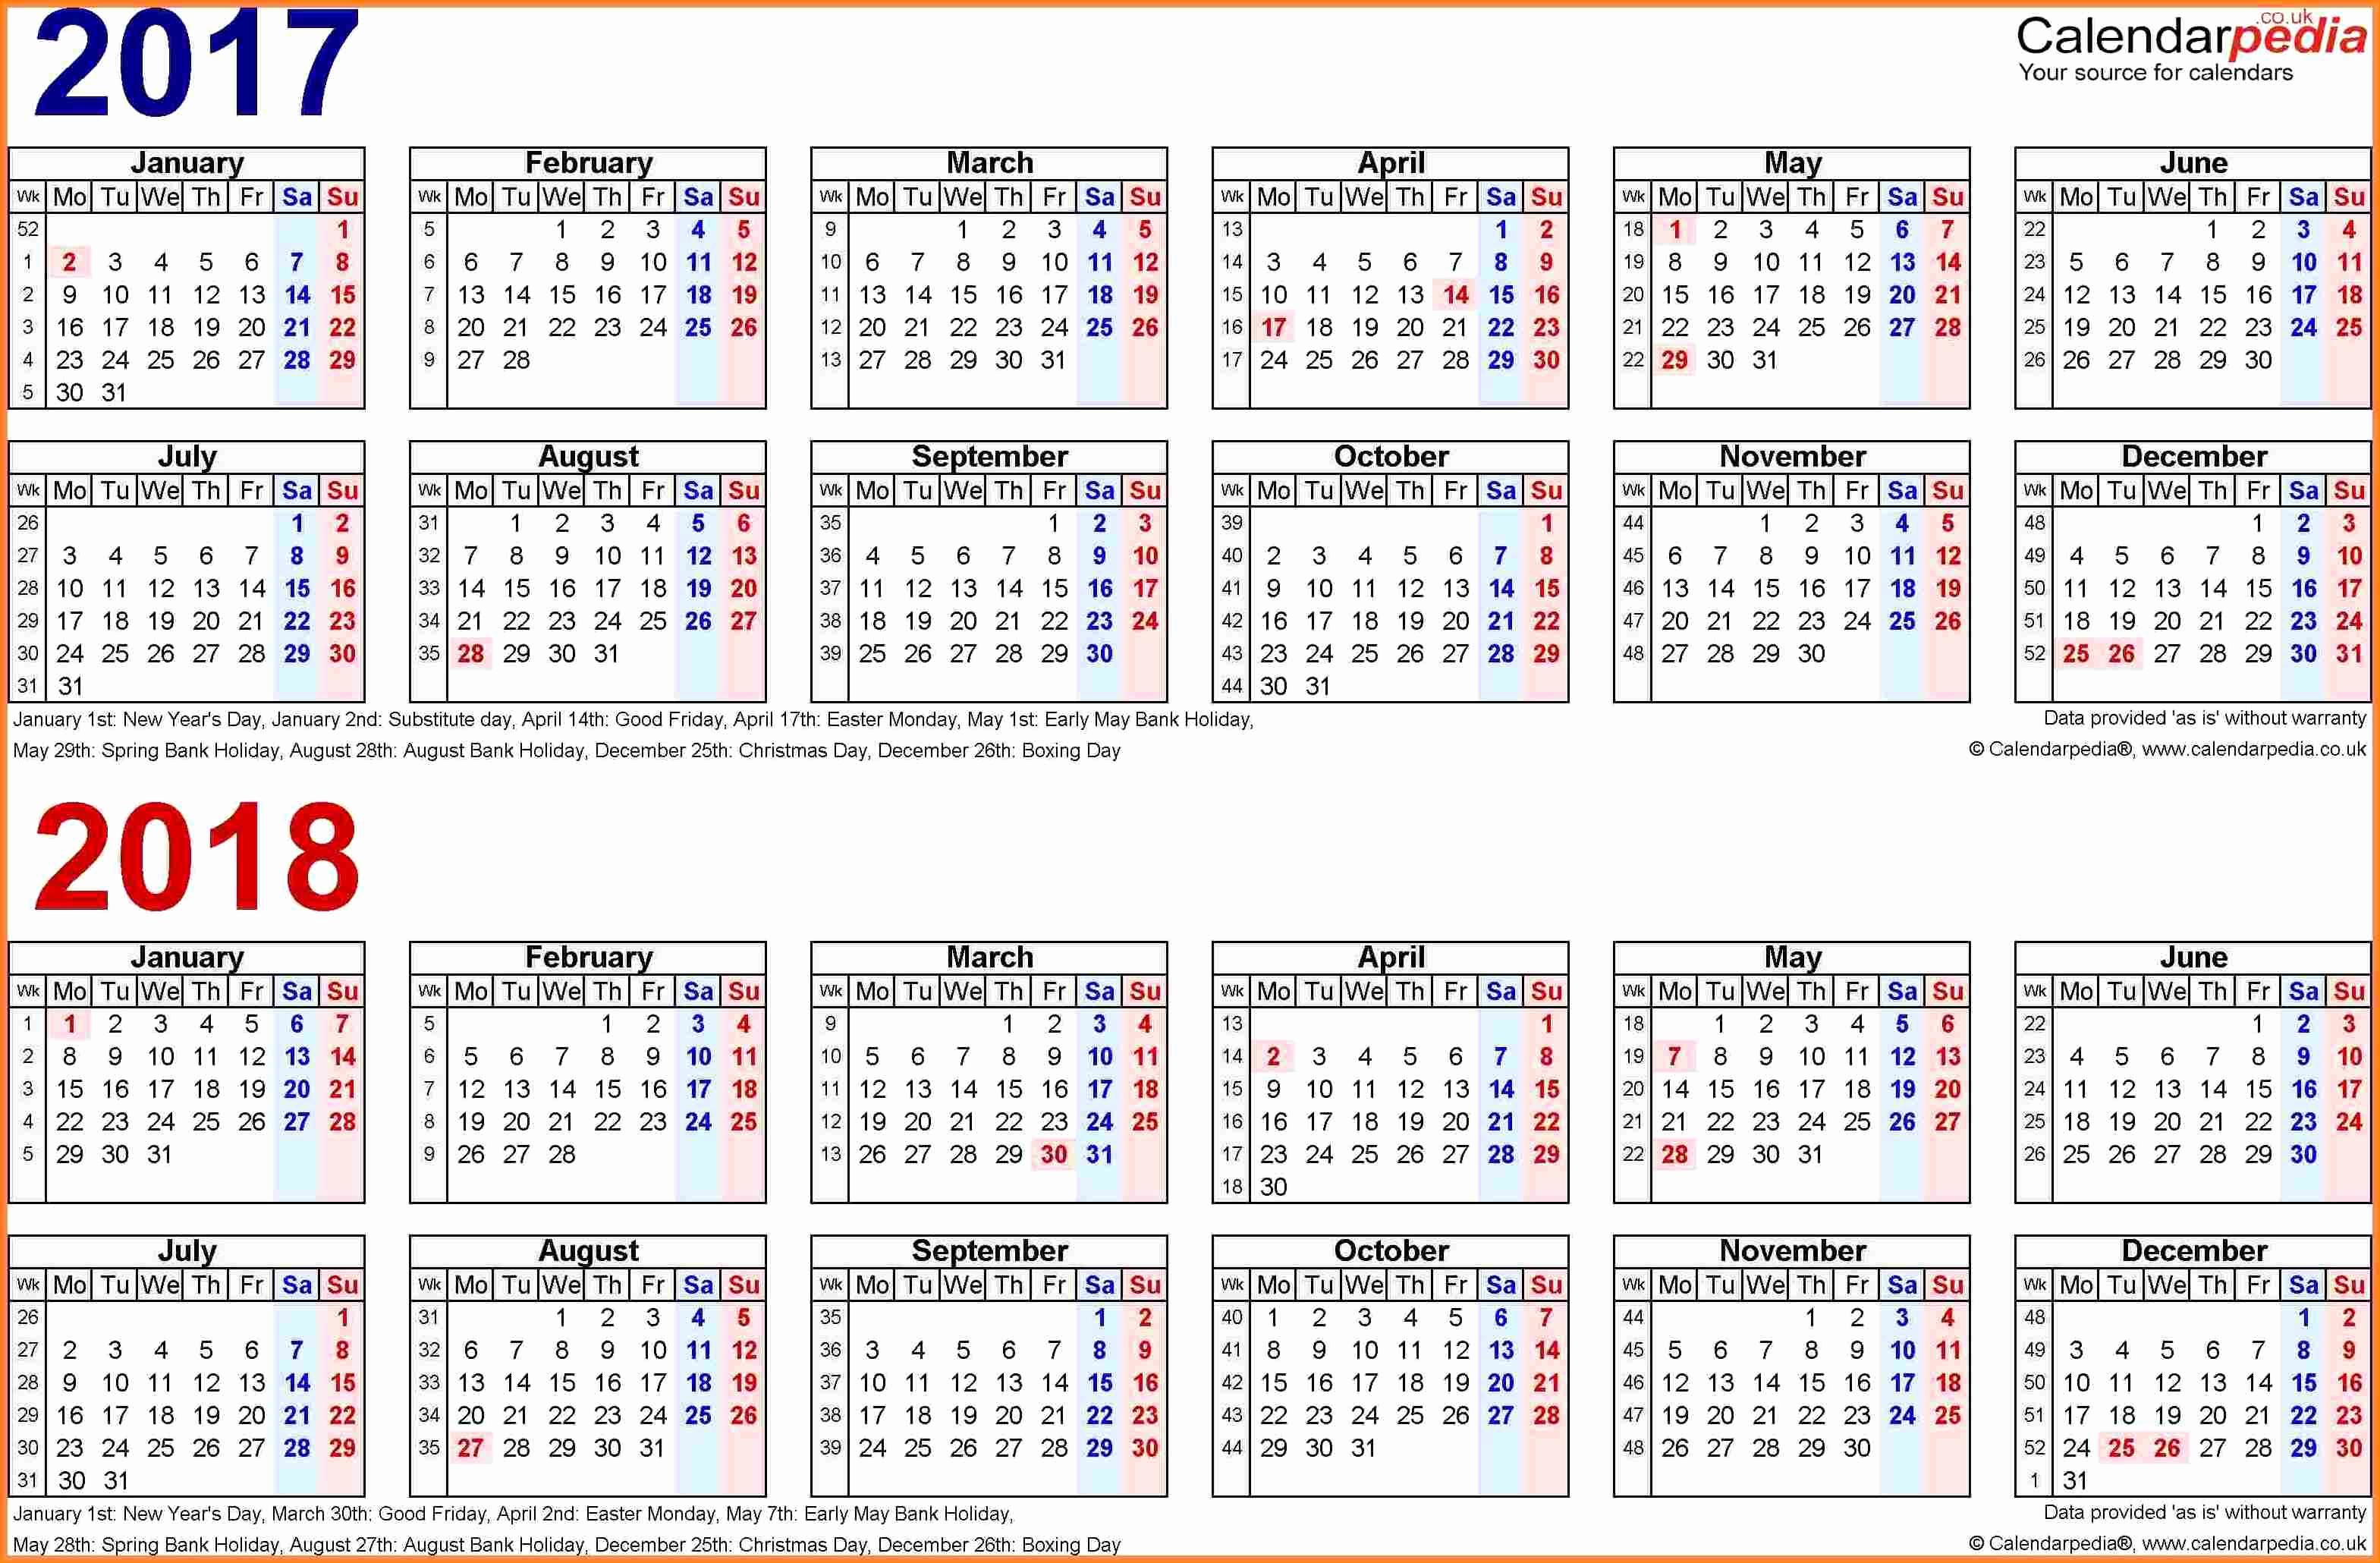 Payroll Calendar Template 2017 Luxury 12 Payroll Calendar Template 2017